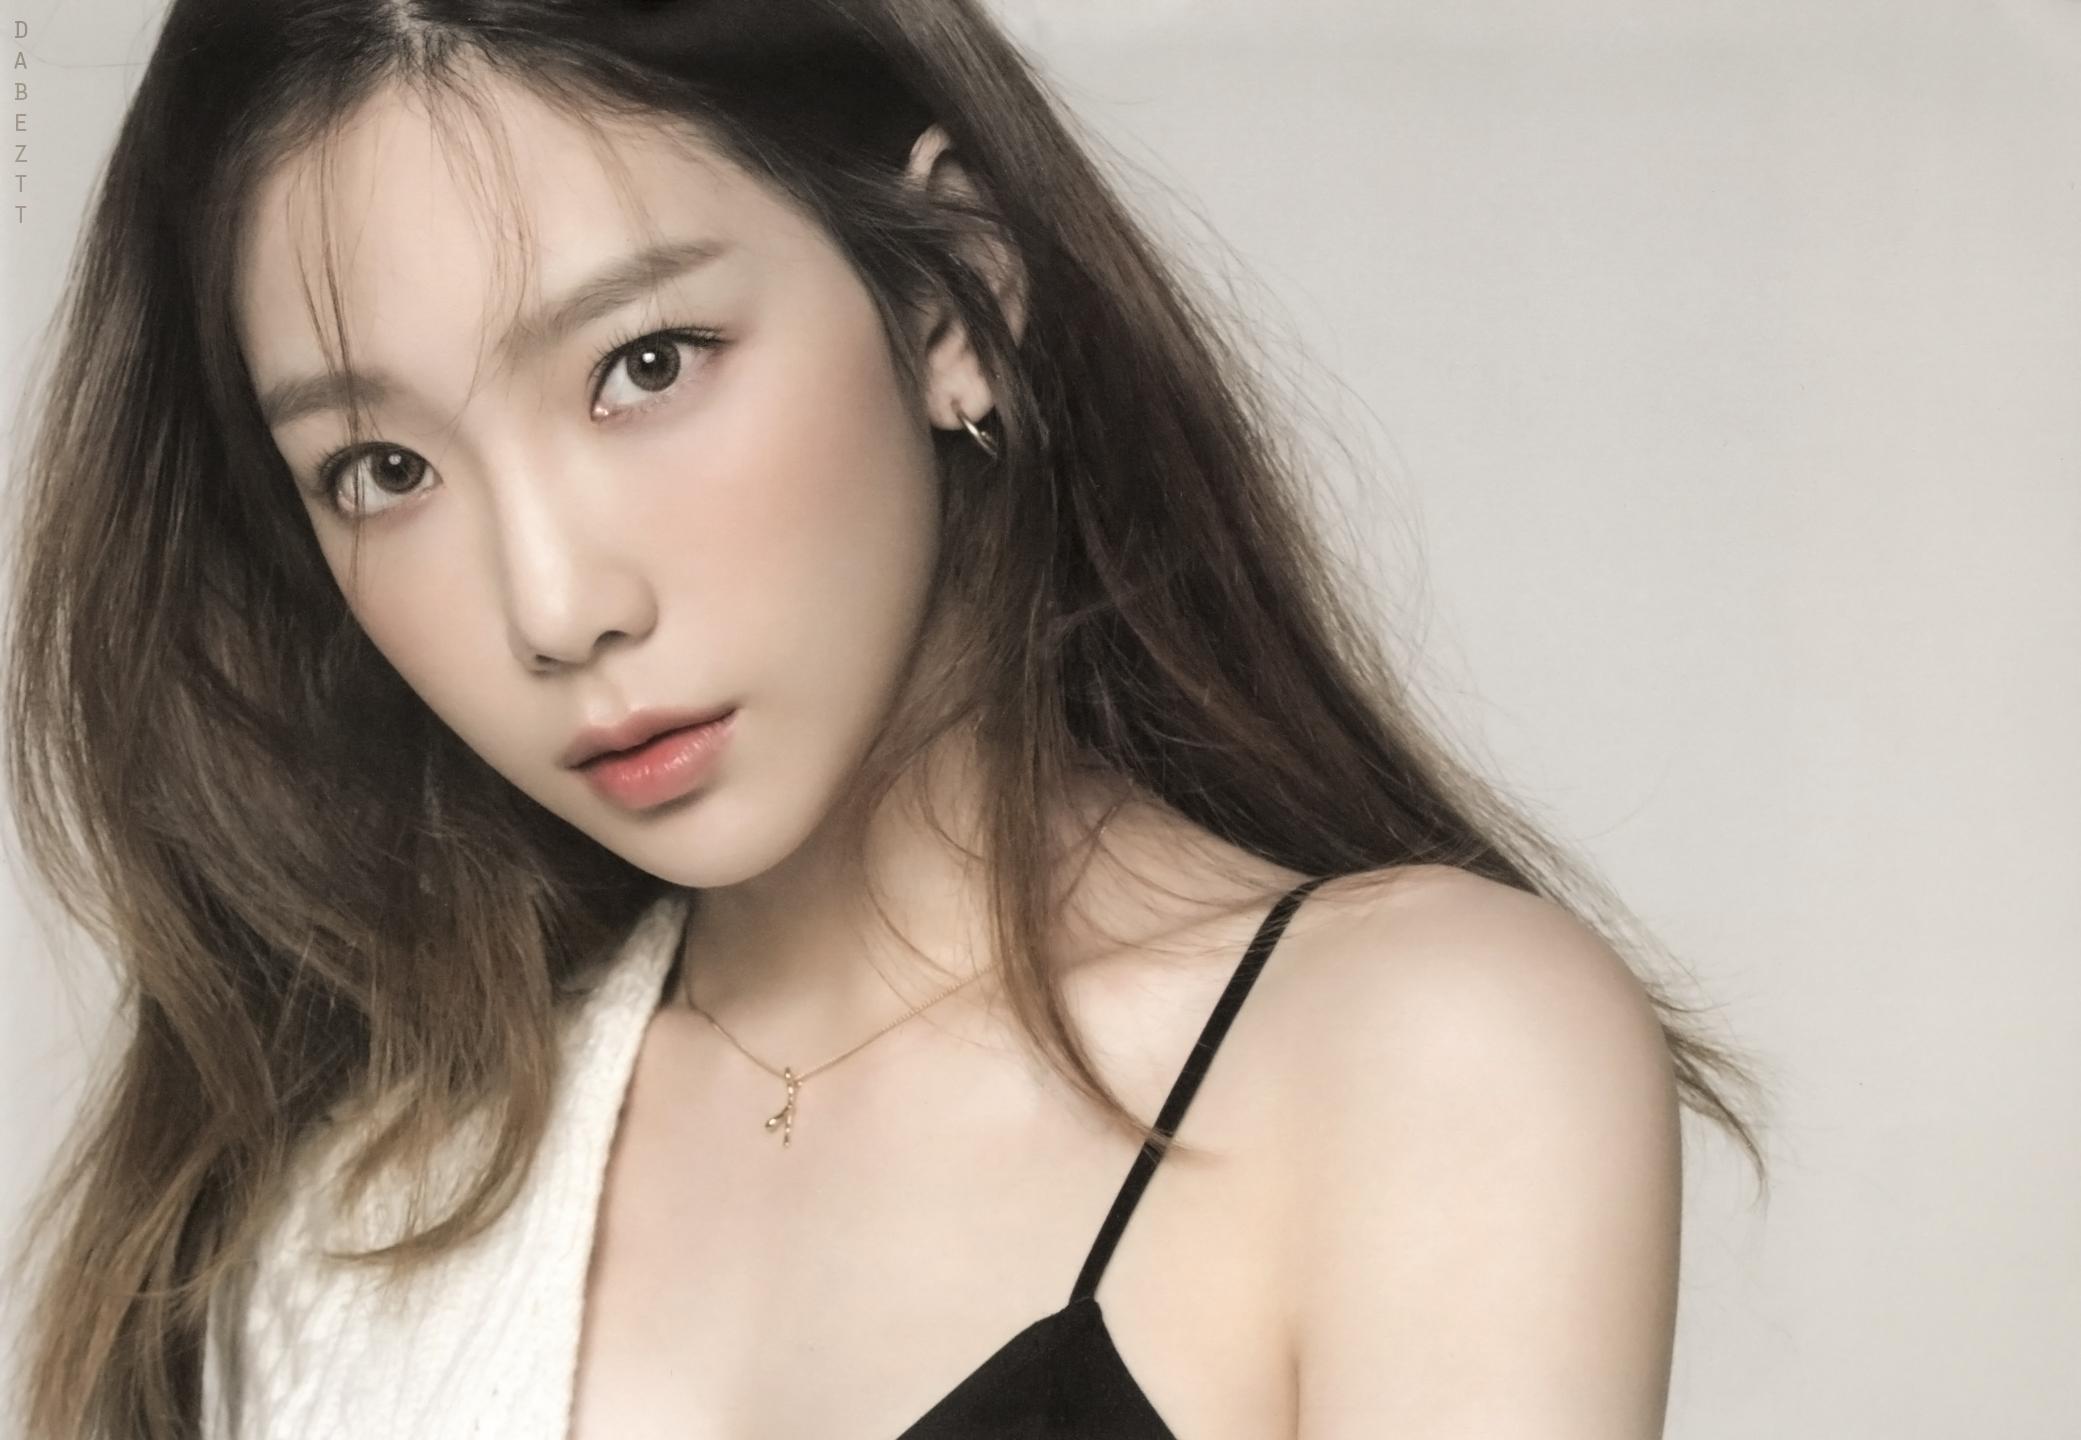 SNSD Taeyeon Kim Taeyeon Girls Generation Asian K Pop Looking At Viewer 2081x1440